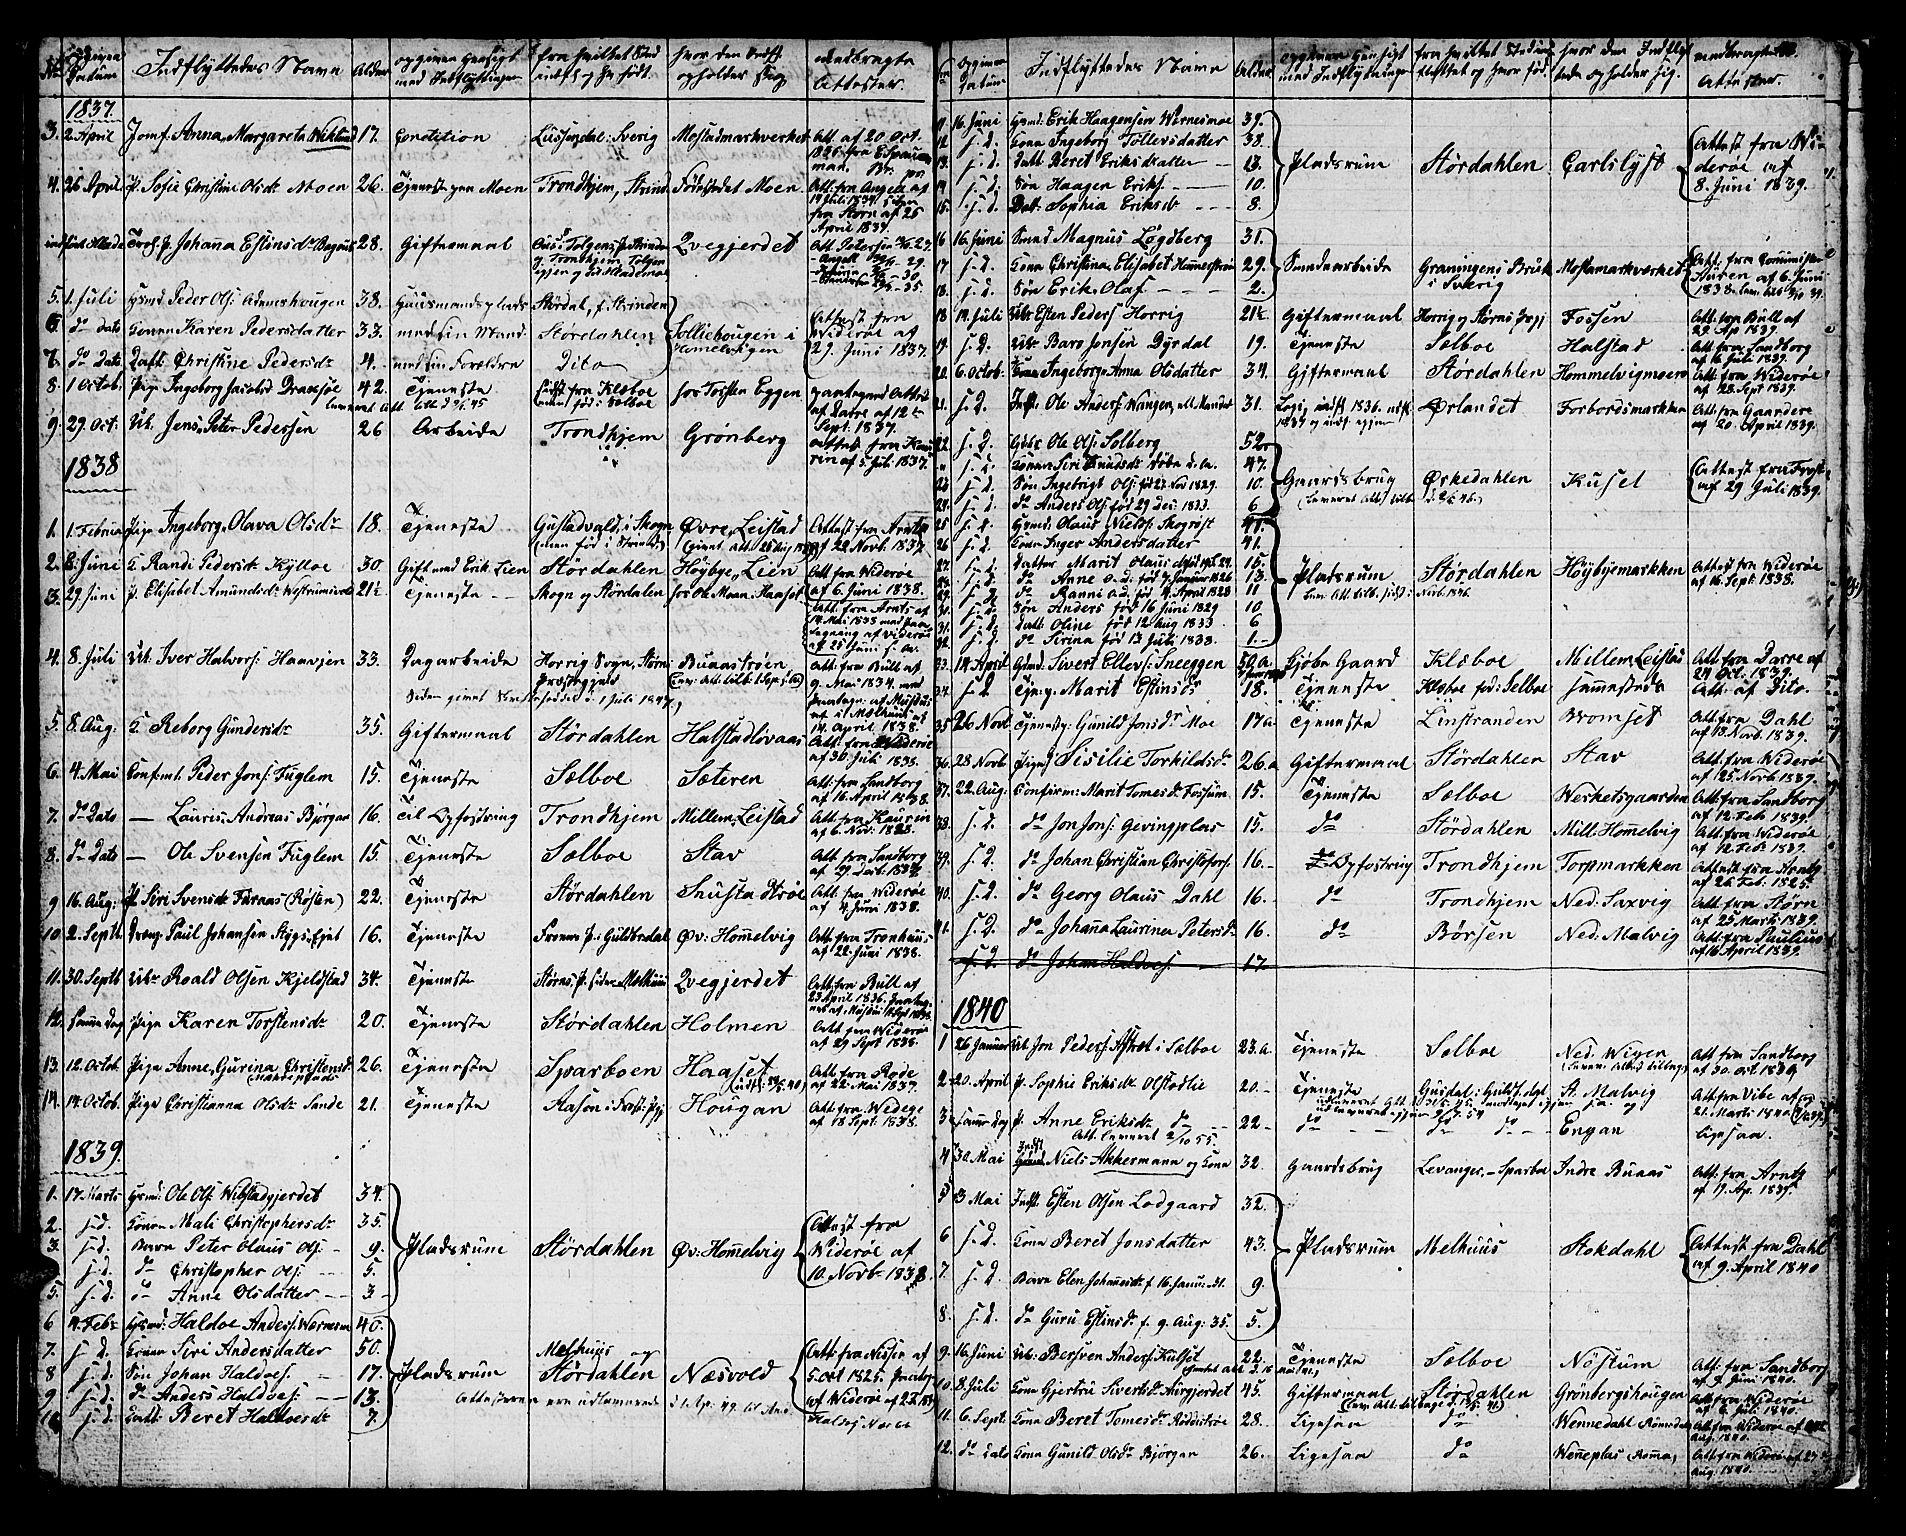 SAT, Ministerialprotokoller, klokkerbøker og fødselsregistre - Sør-Trøndelag, 616/L0421: Klokkerbok nr. 616C04, 1834-1850, s. 48